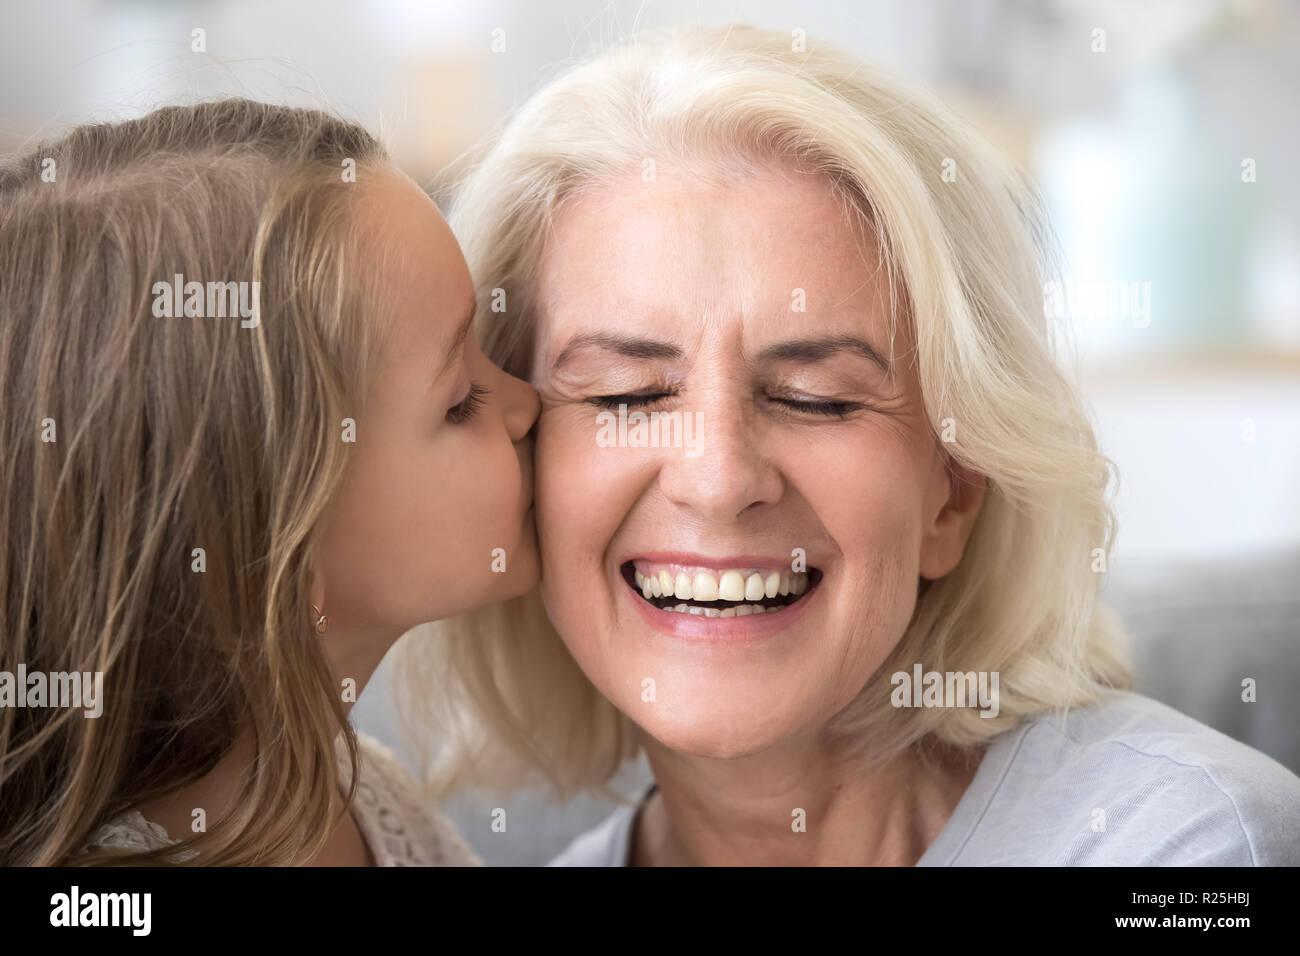 Jolie petite-fille baisers vieille grand-mère souriante sur che Photo Stock